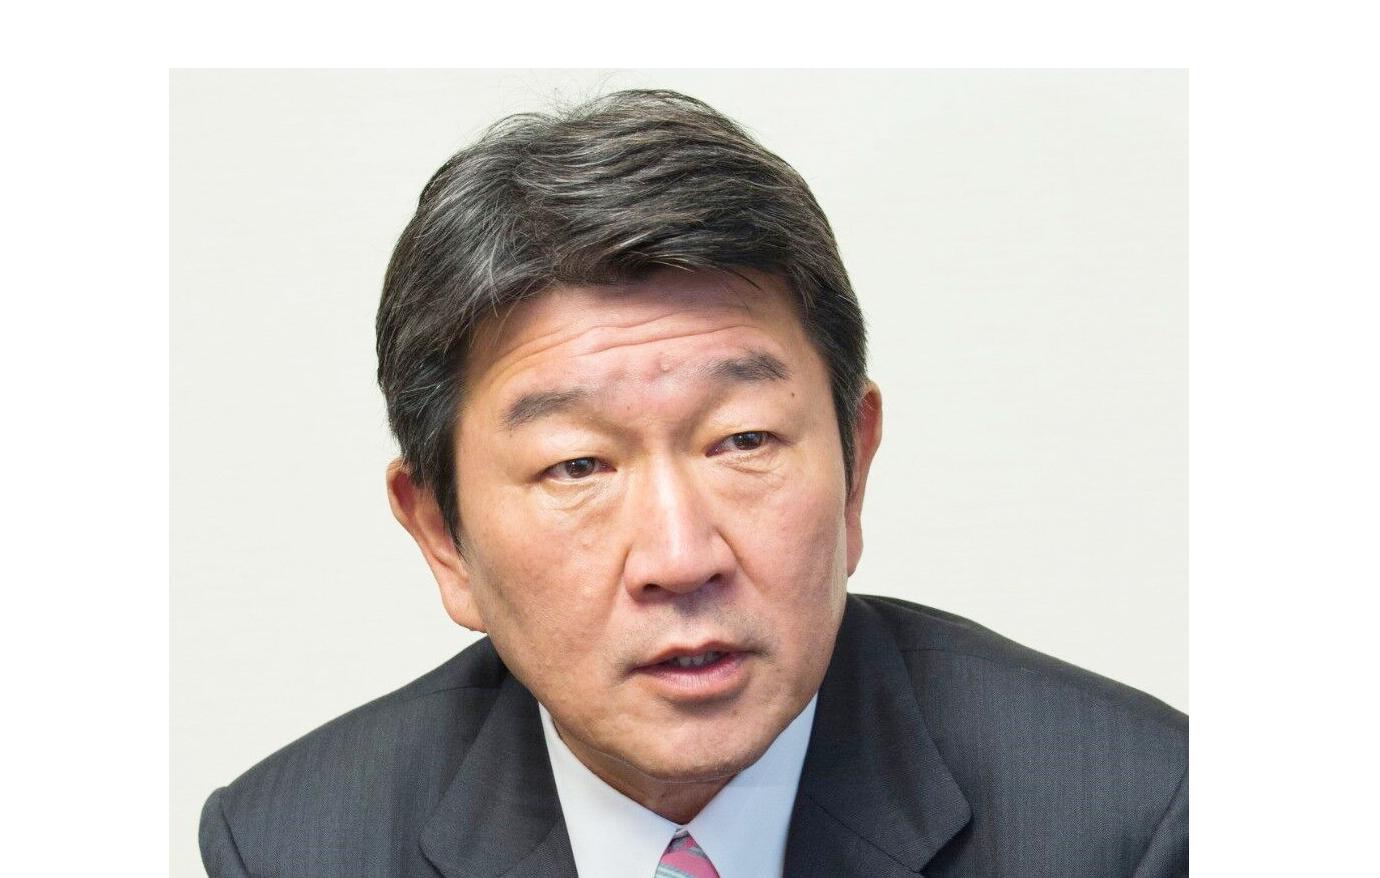 روابط تغییرناپذیر، دوستانه و دیرینه بین ایران و ژاپن